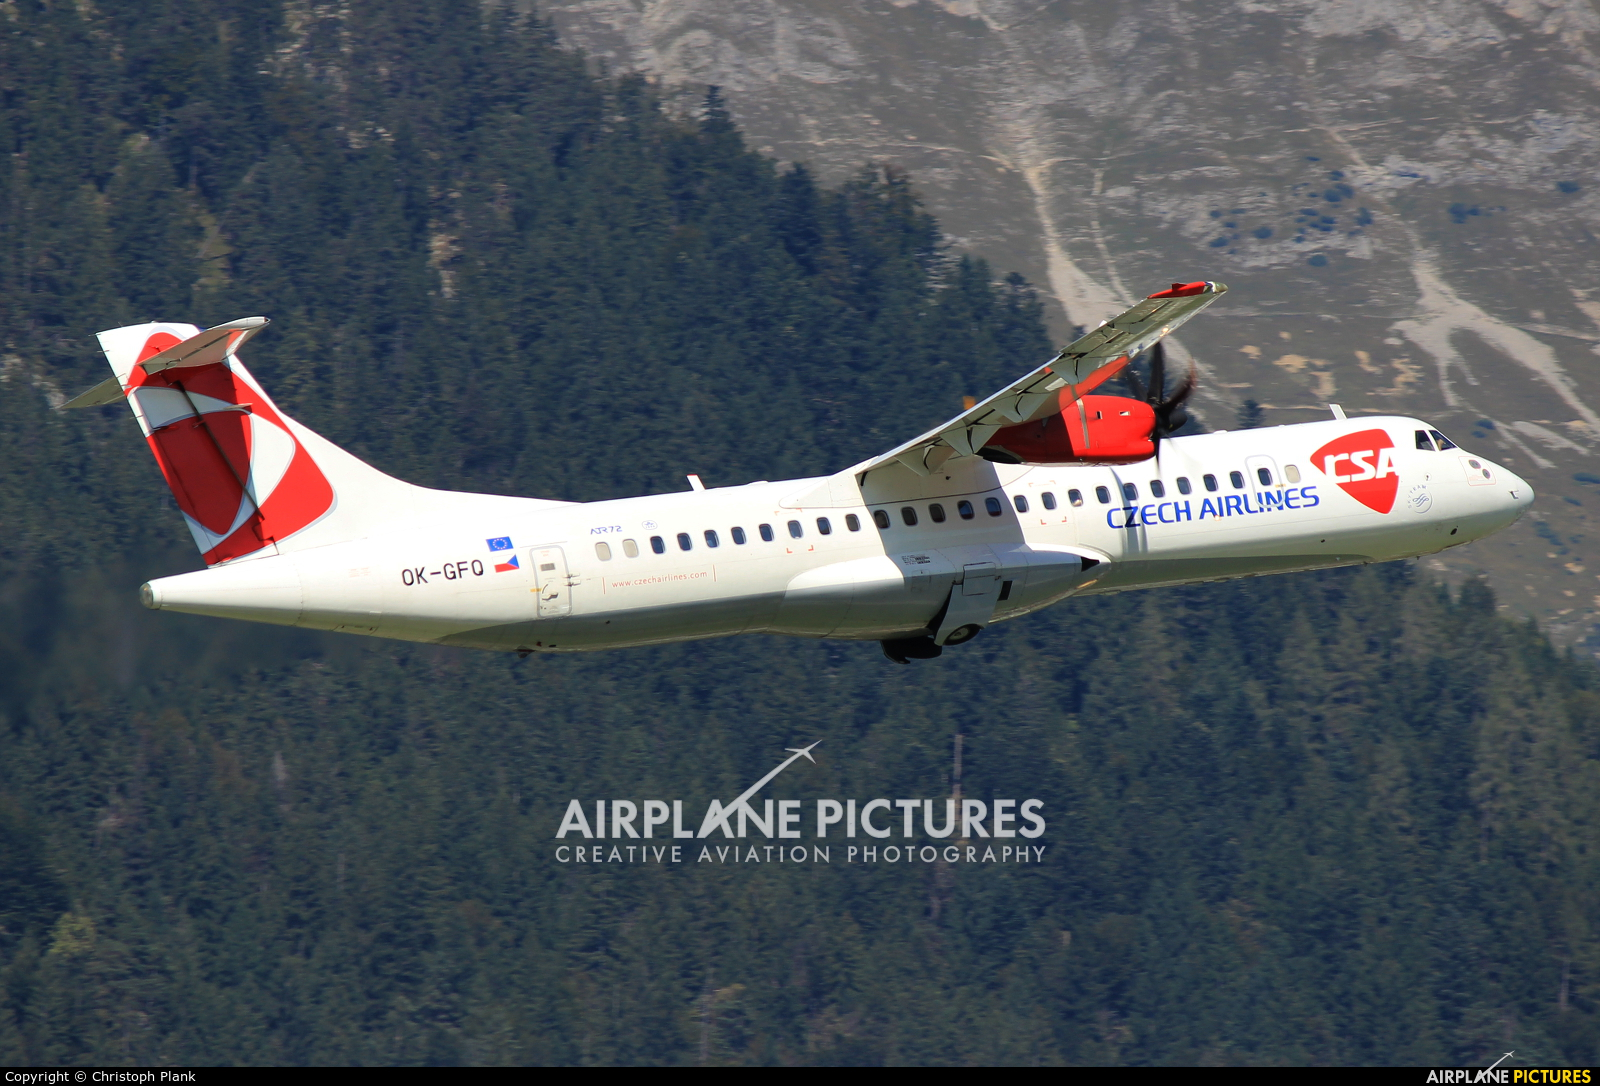 CSA - Czech Airlines OK-GFQ aircraft at Innsbruck